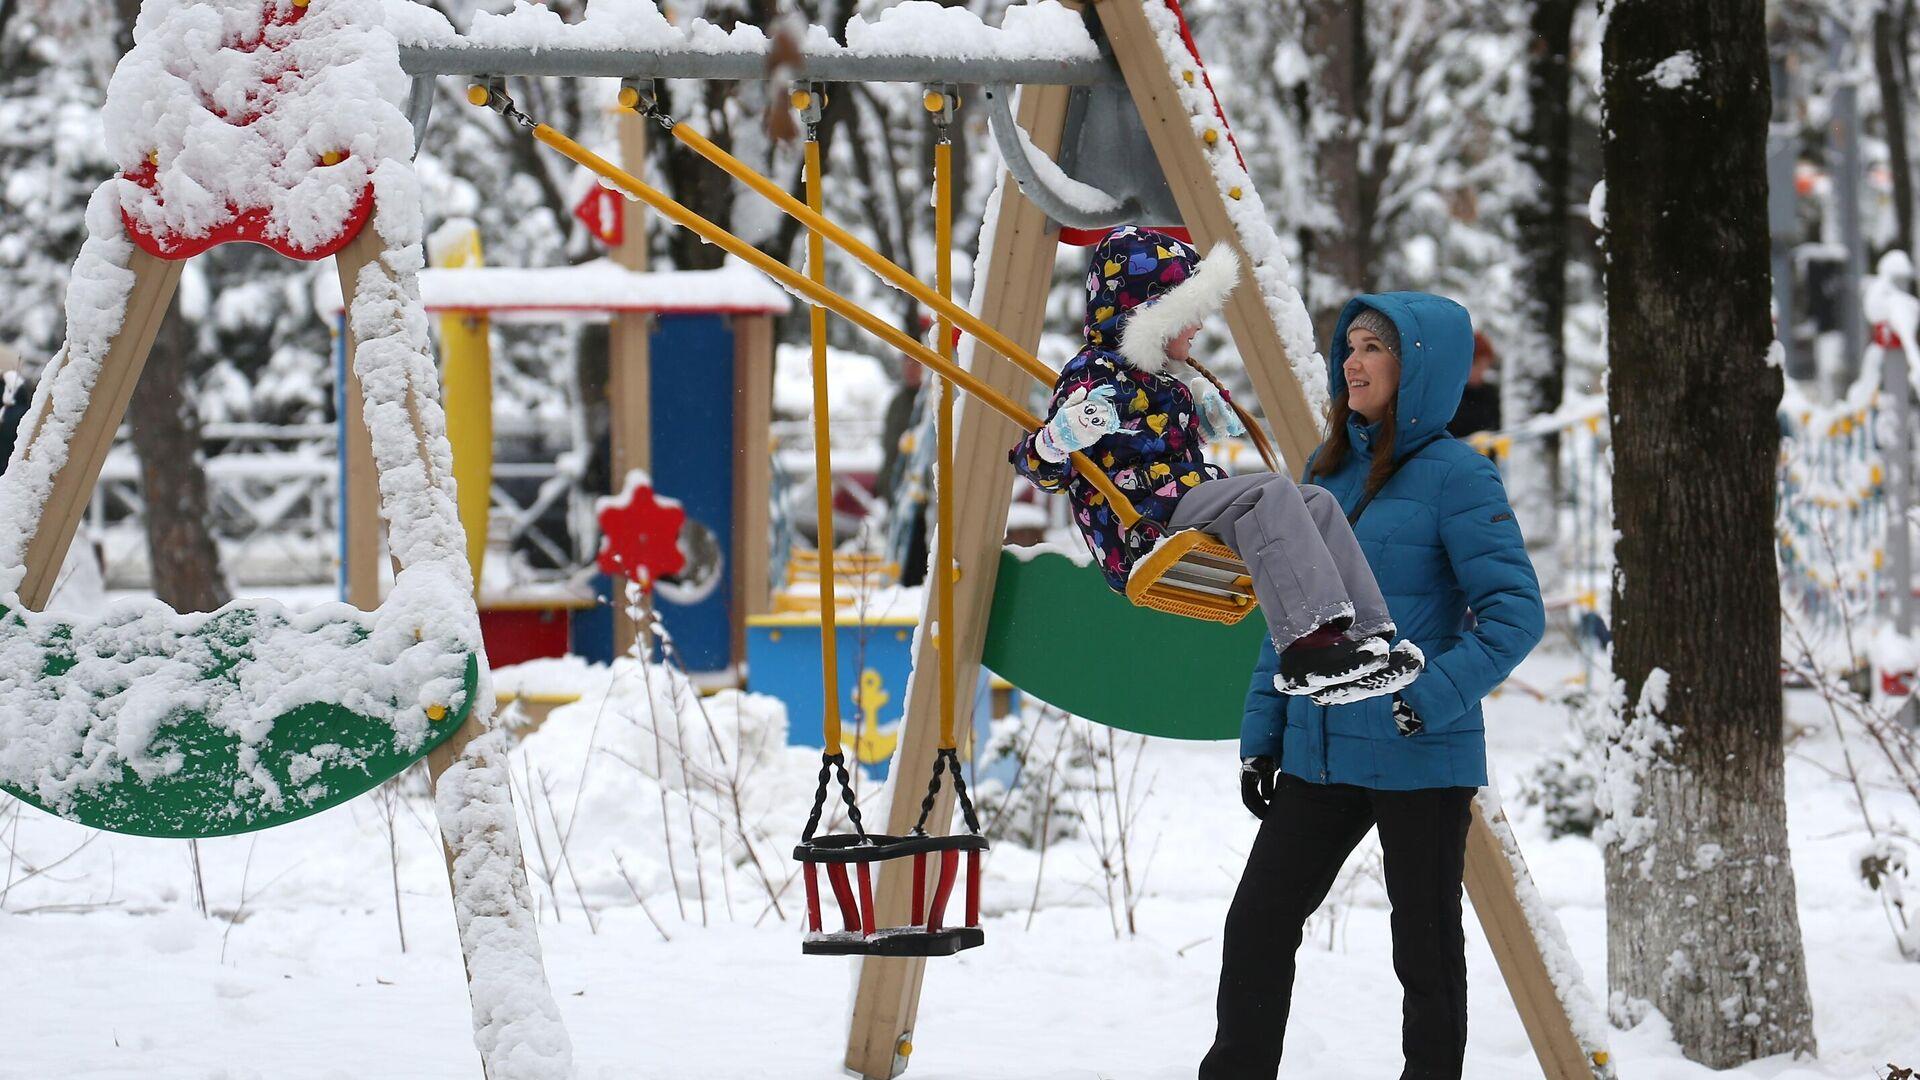 Женщина с ребенком на детской площадке Фестивального сквера в Краснодаре после снегопада - РИА Новости, 1920, 05.03.2021